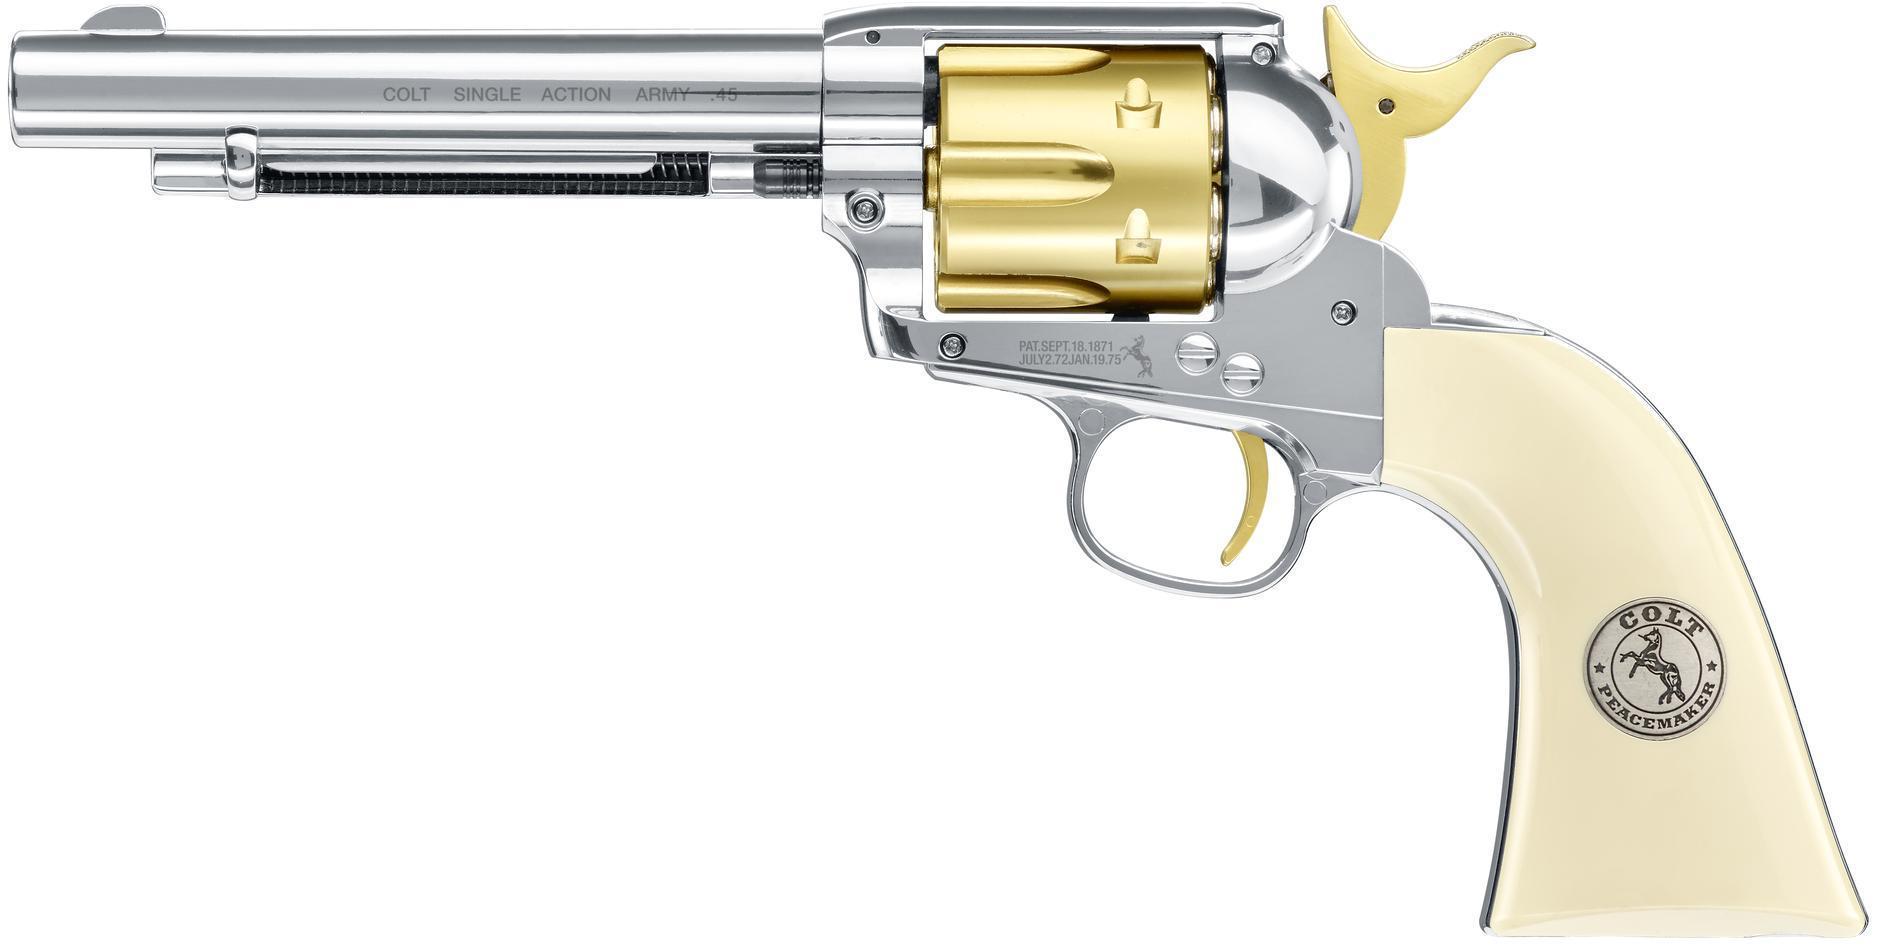 Umarex Saa 45 Colt Peacemaker 177 Pellet Gold Nickel